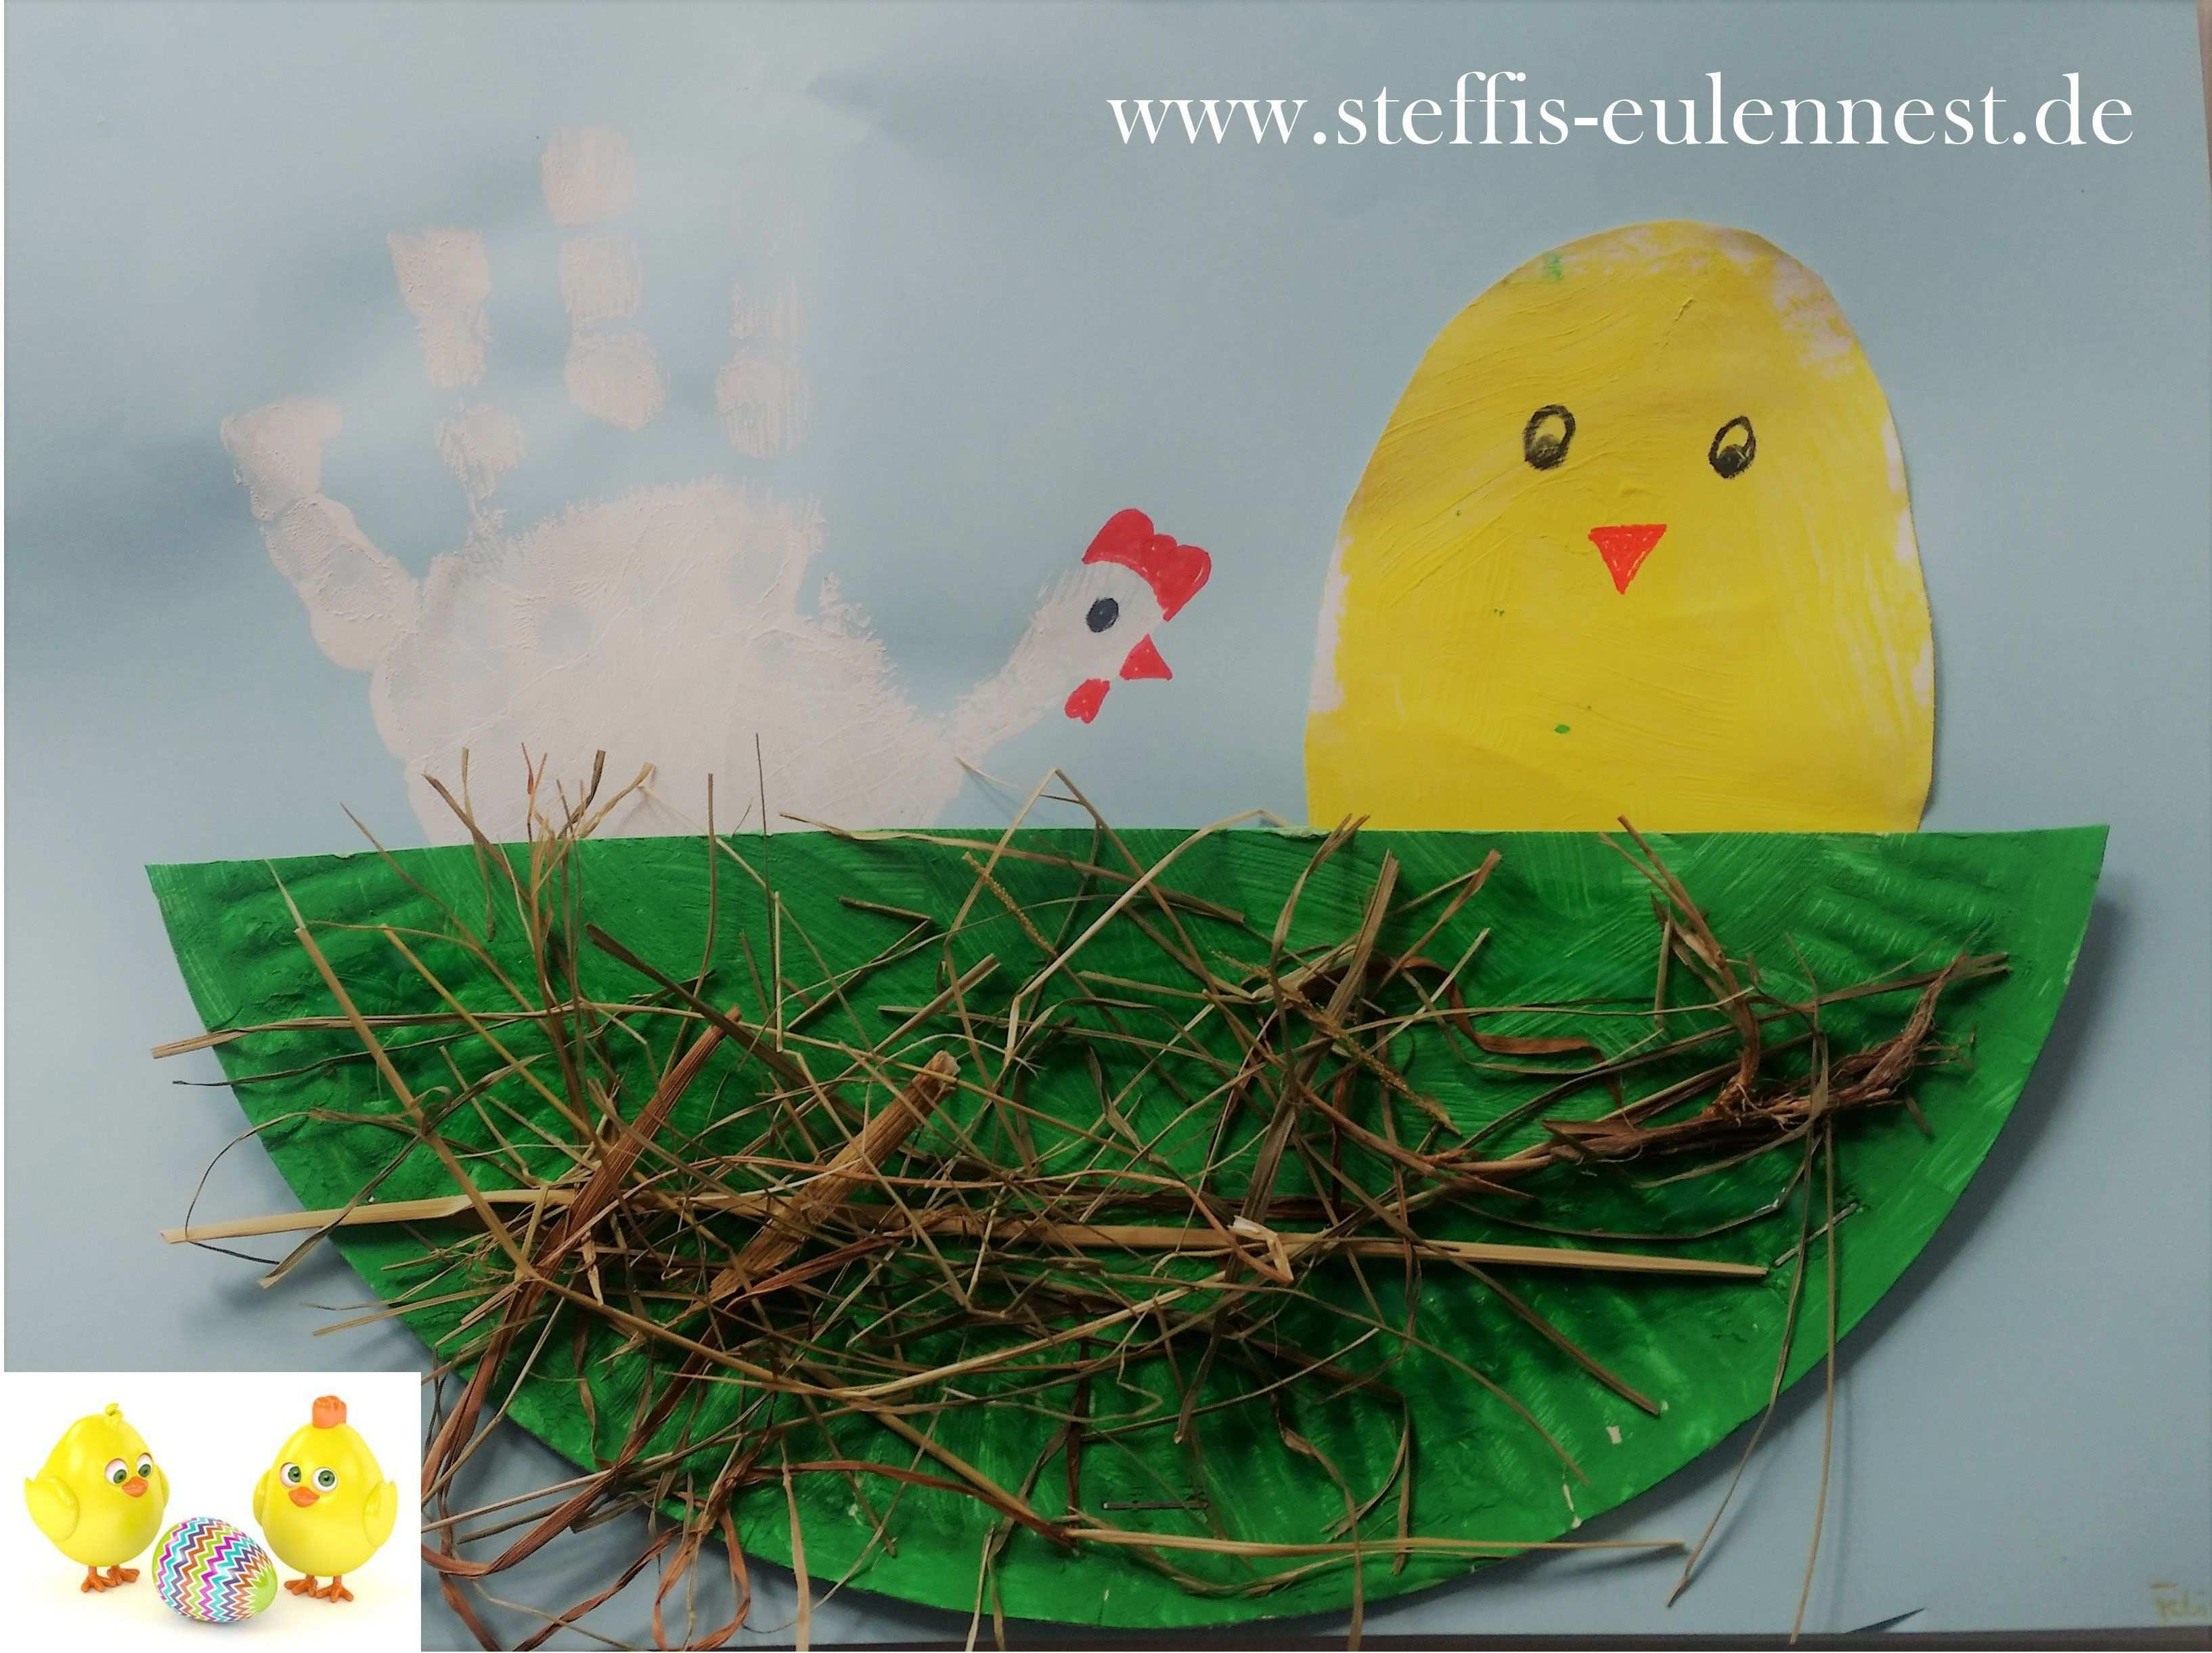 Basteln Basteln Mit Kindern Ostern Osterkuken Kuken Henne Hahn Kita Kindergarten Pap Ostern Basteln Mit Kindern Kuken Basteln Basteln Fruhling Kinder